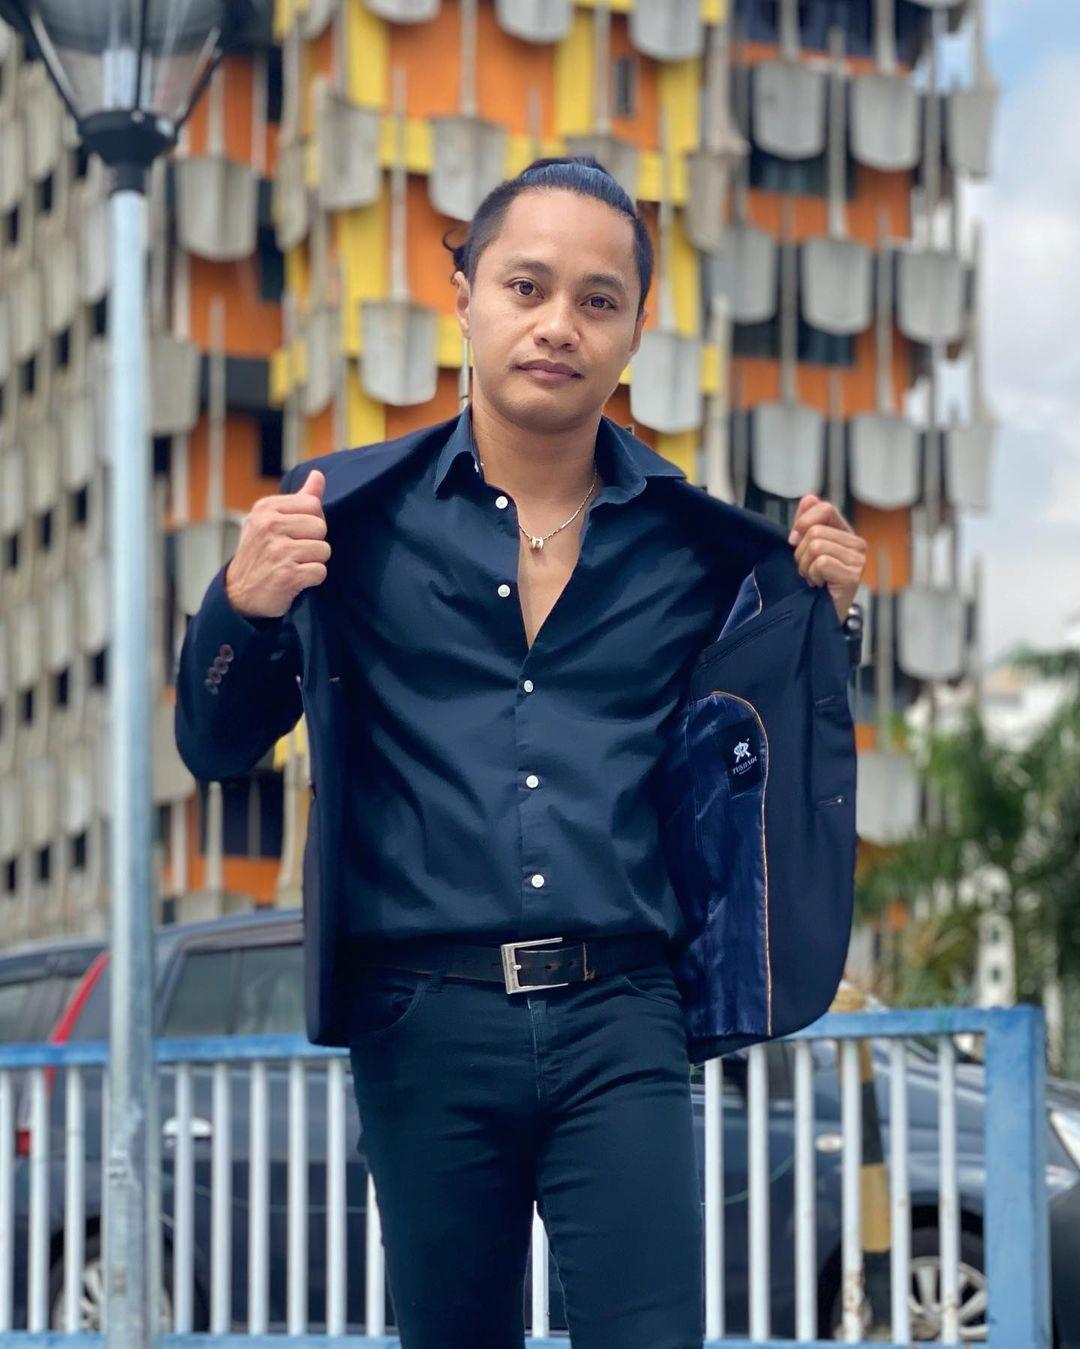 Ramai Hilang Punca Rezeki, Alam Wakaka Buat Entri Khas Luah Kerisauan, Minta Peminat Tag Datuk Ismail Sabri 3